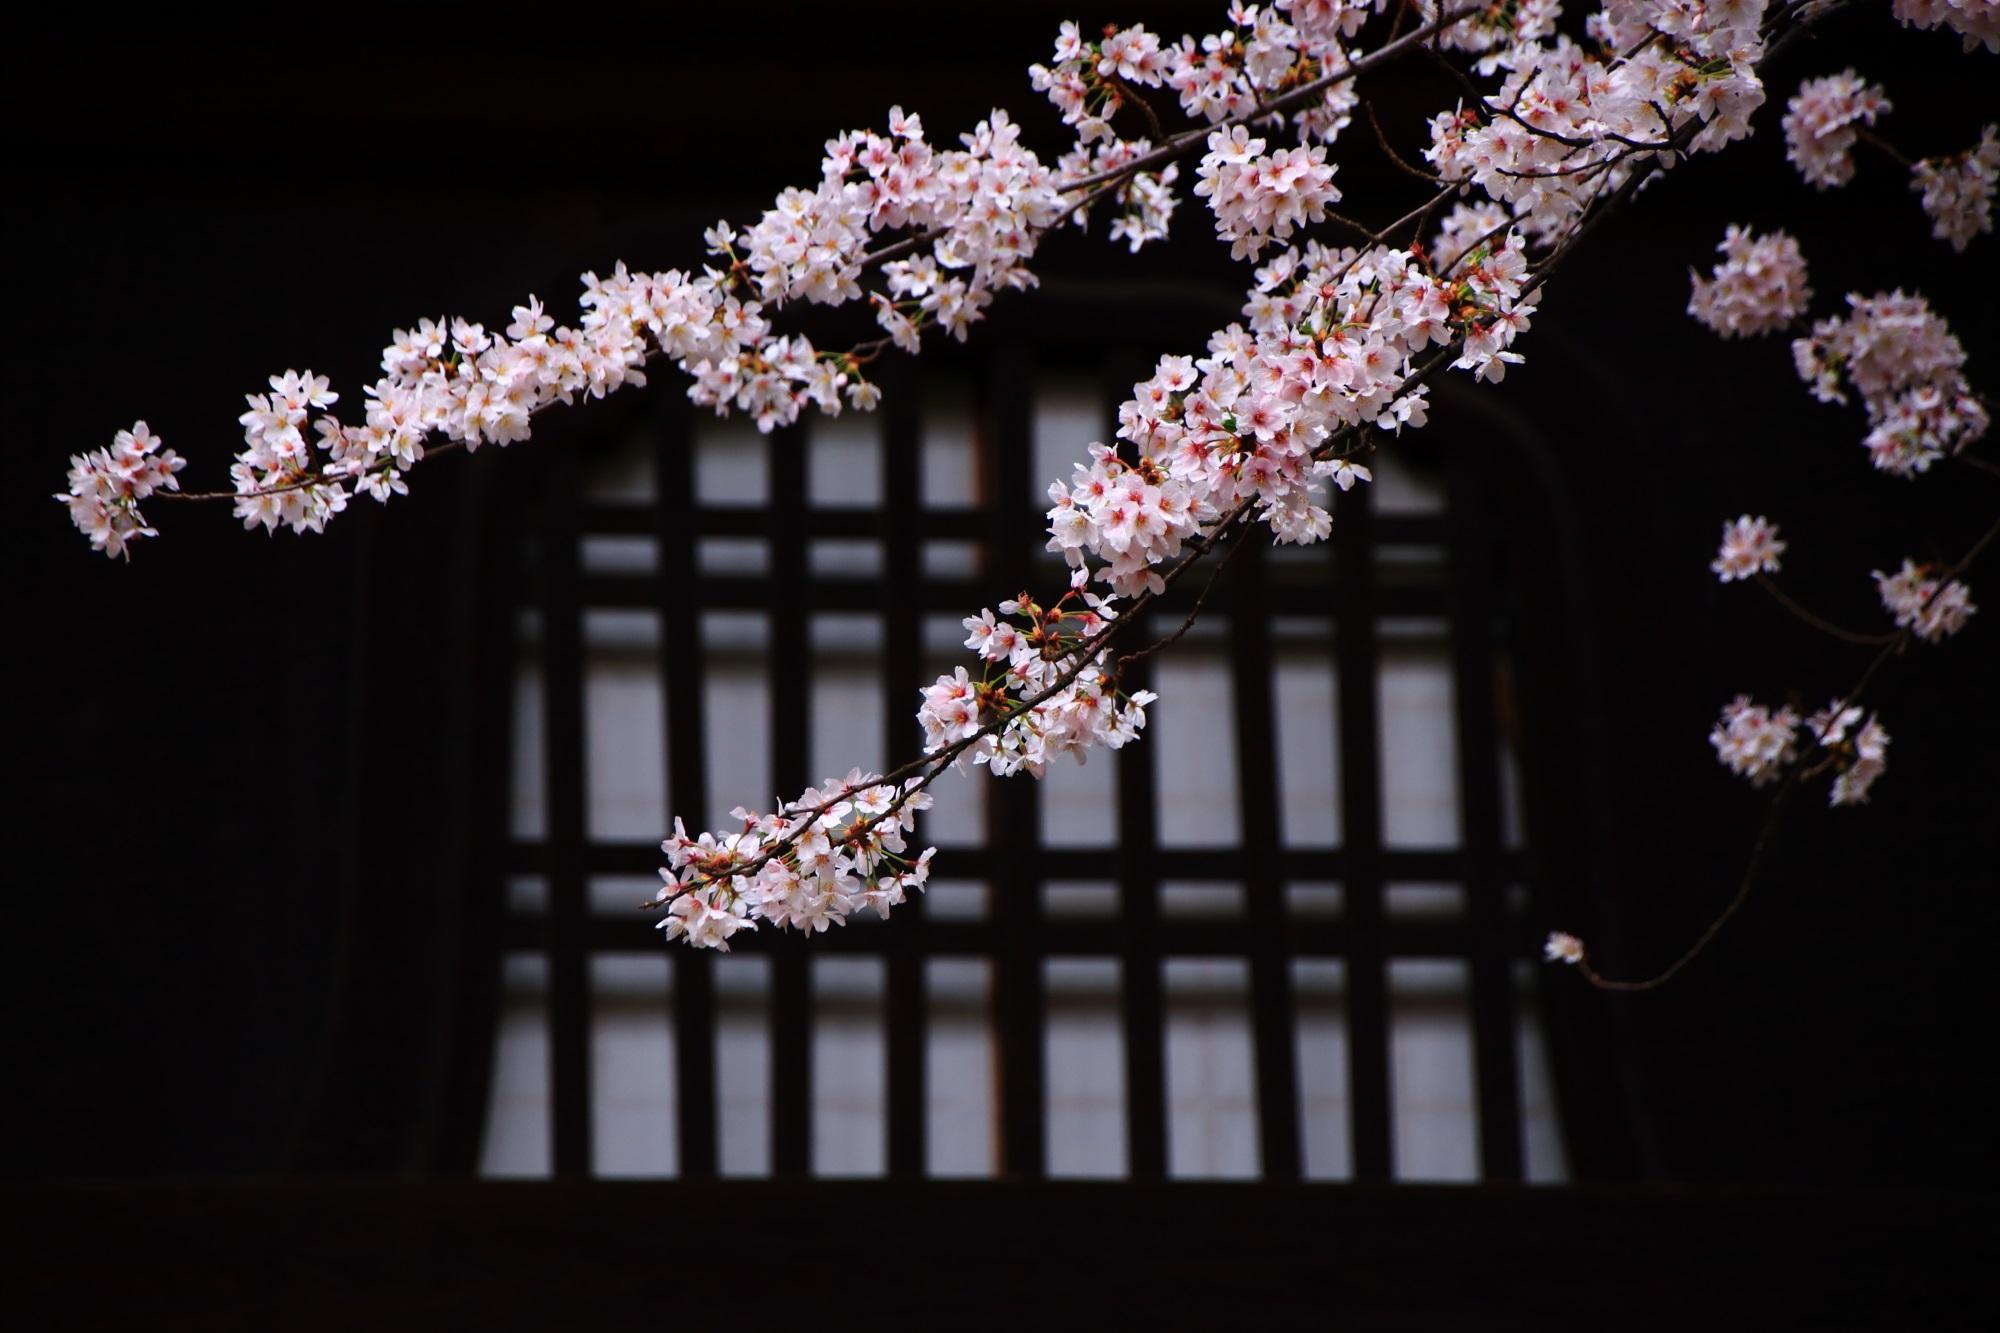 桜の名所の真如堂(しんにょどう)の風情ある桜